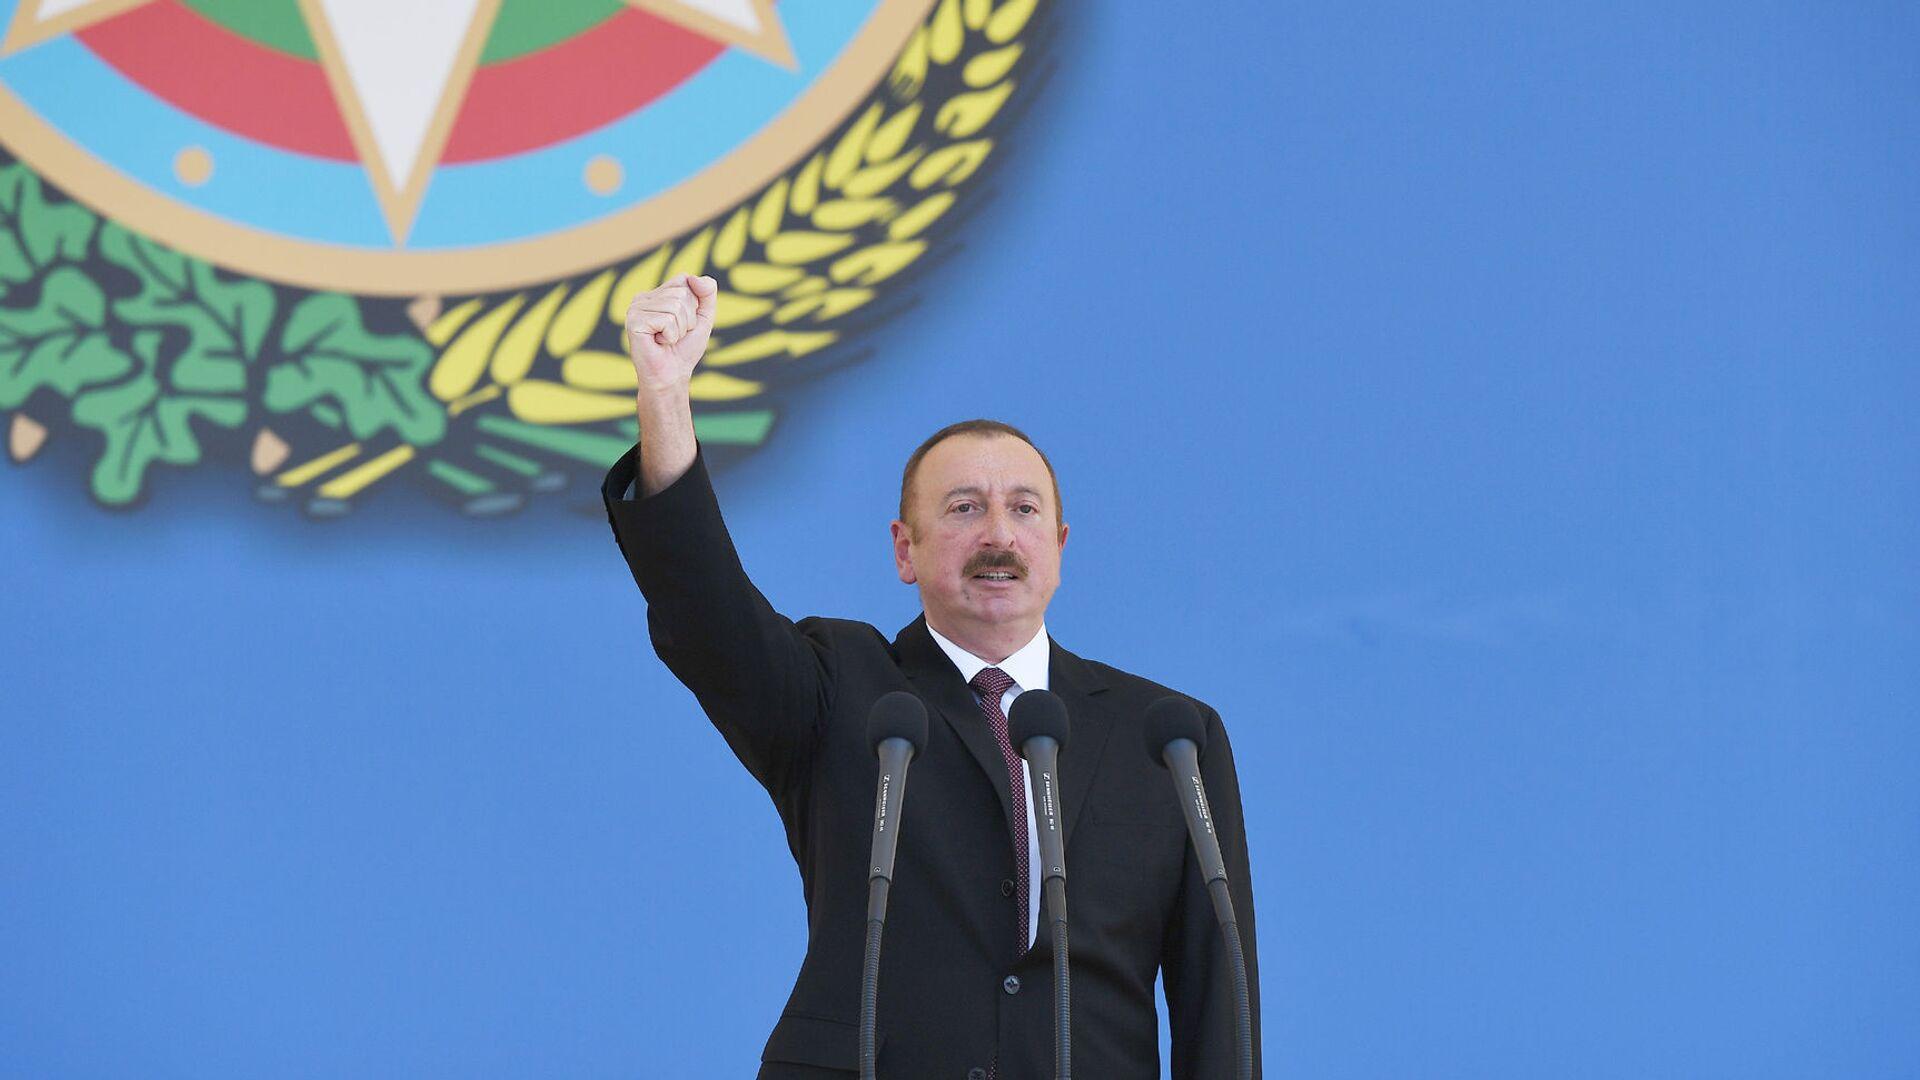 Президент Ильхам Алиев, фото из архива  - Sputnik Azərbaycan, 1920, 27.09.2021